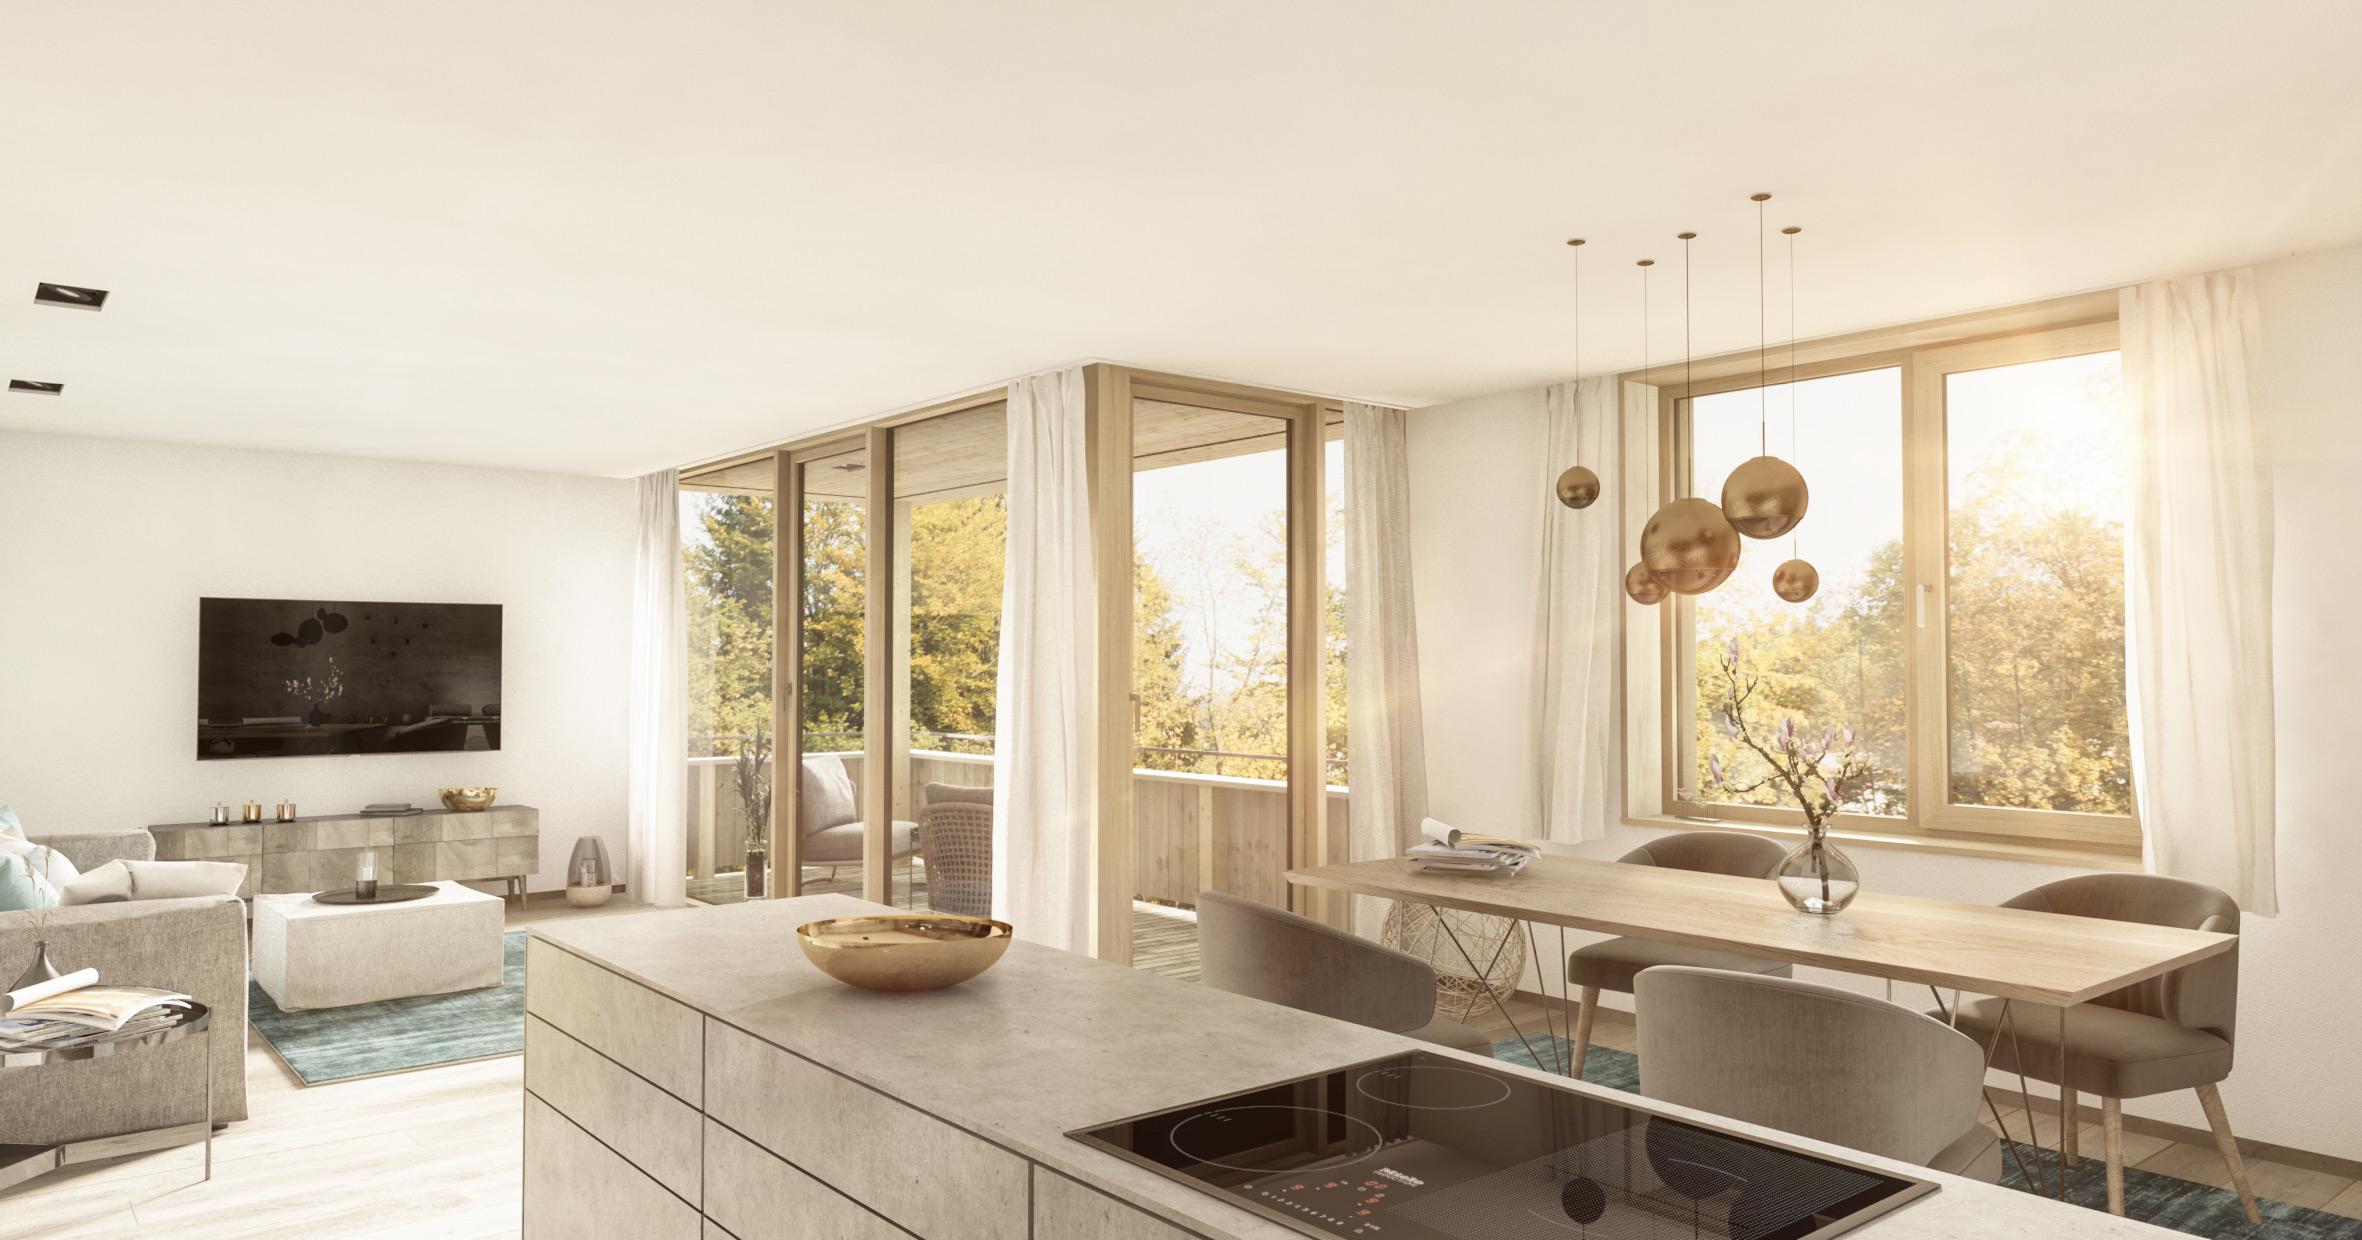 zimmerei-stoib-holzbau-schlüsselfertig-visualisierung-wohnzimmer-loggia-architektur-holzarchitektur-innenausbau-warngau-tegernsee-mehrfamilienhaus.jpg